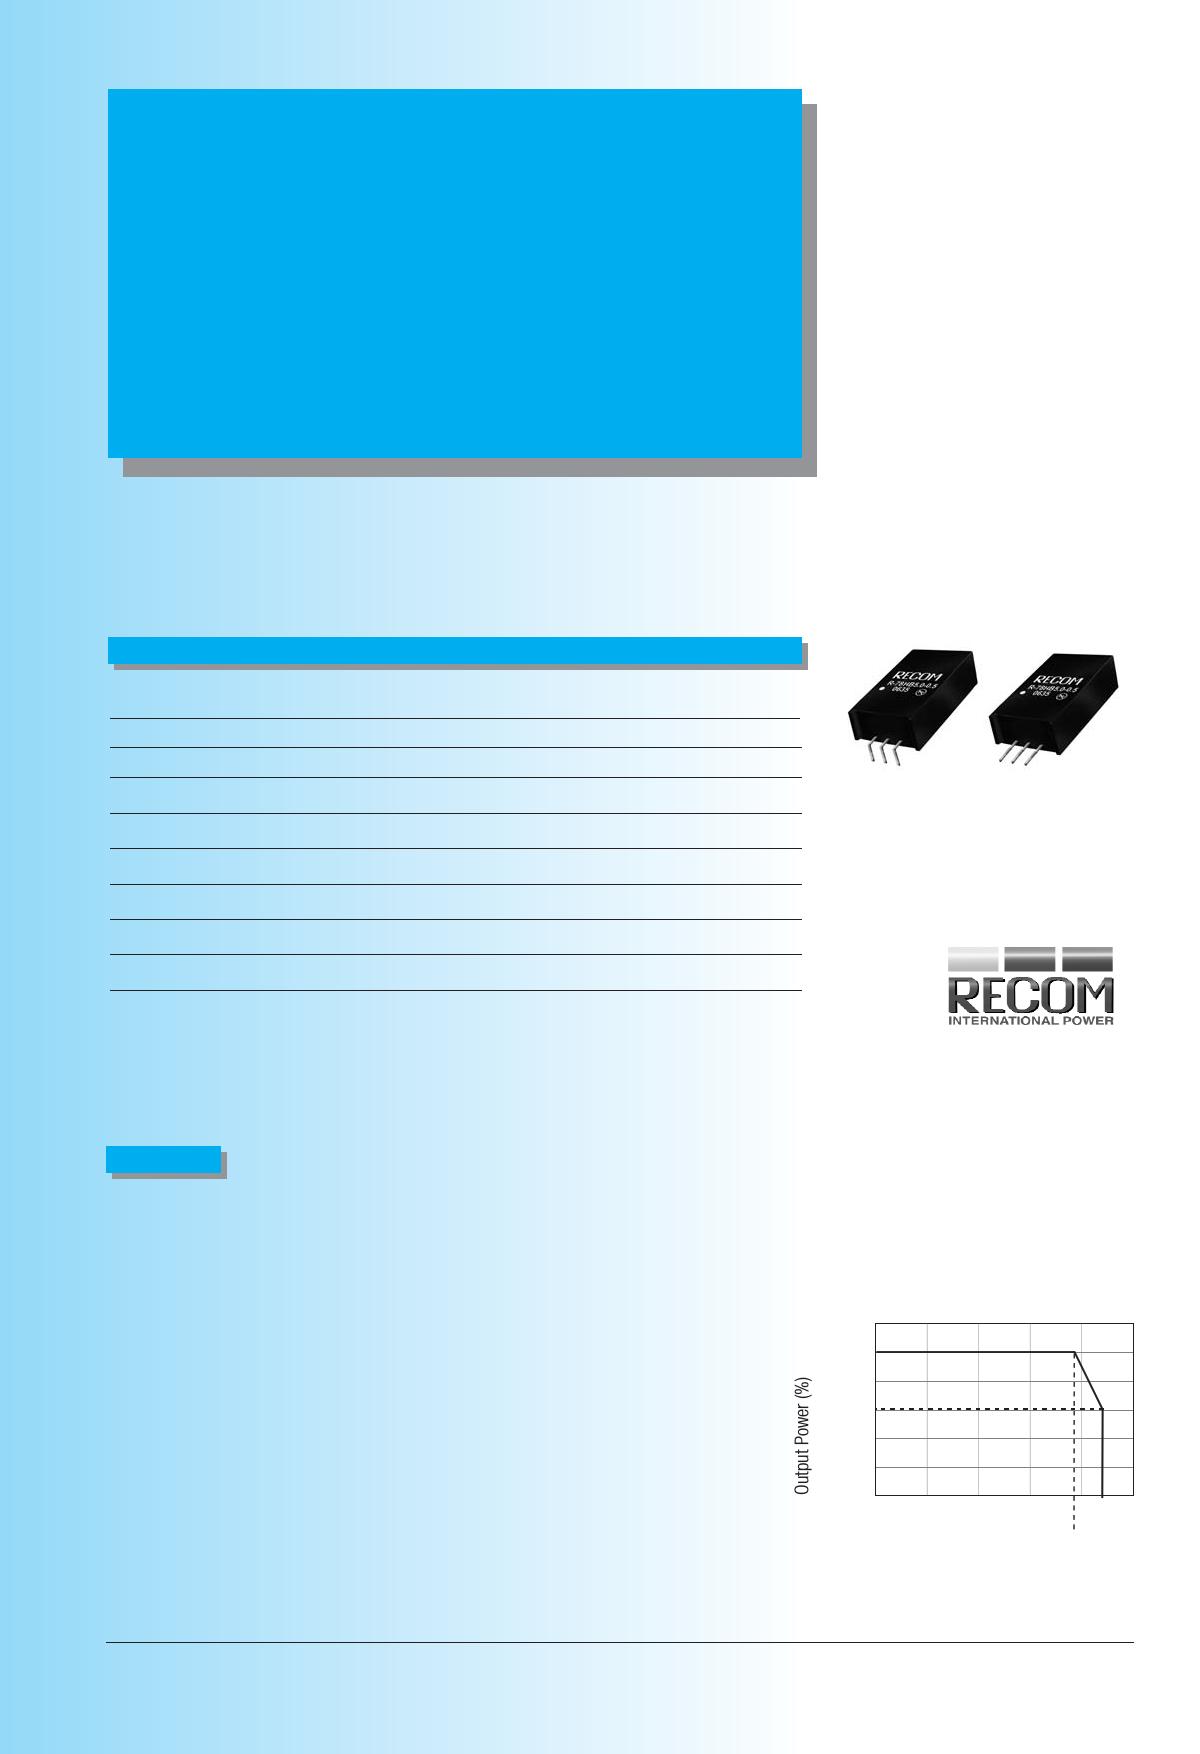 R-78HB3.3-0.5 Даташит, Описание, Даташиты